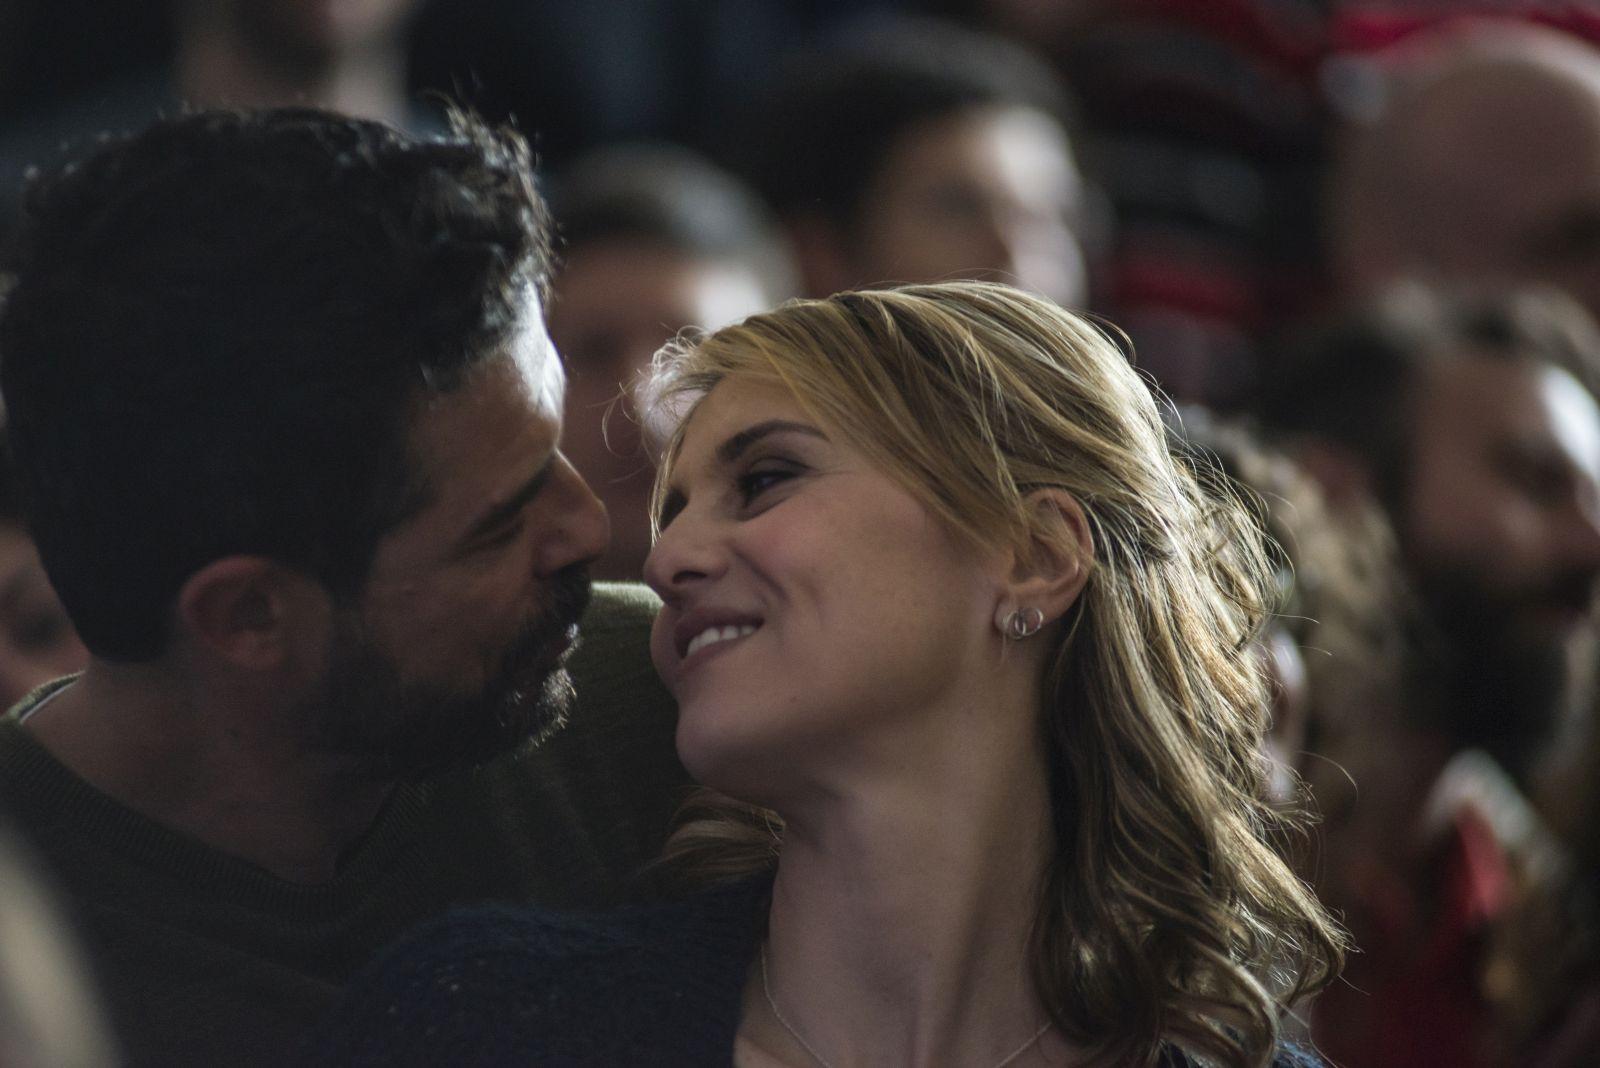 Gli ultimi saranno ultimi: Paola Cortellesi e Alessandro Gassman insieme in una scena del film